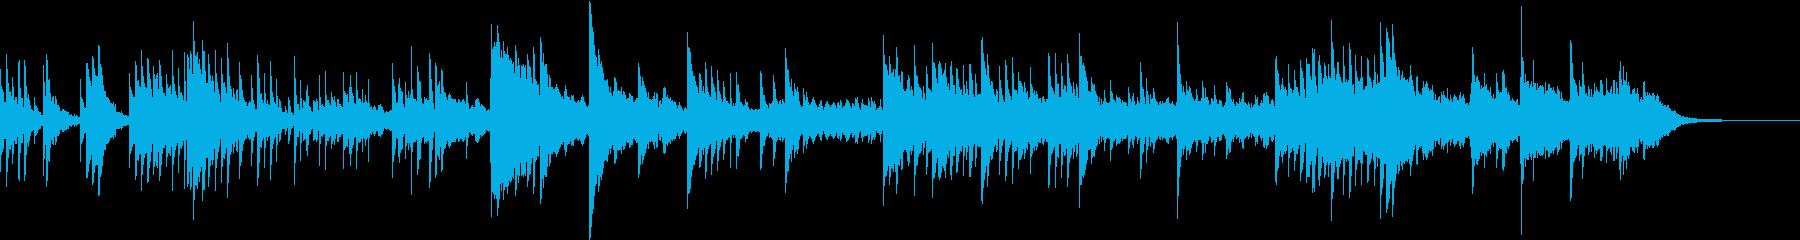 エコーあるエレピの響きが神秘的な幻想曲の再生済みの波形